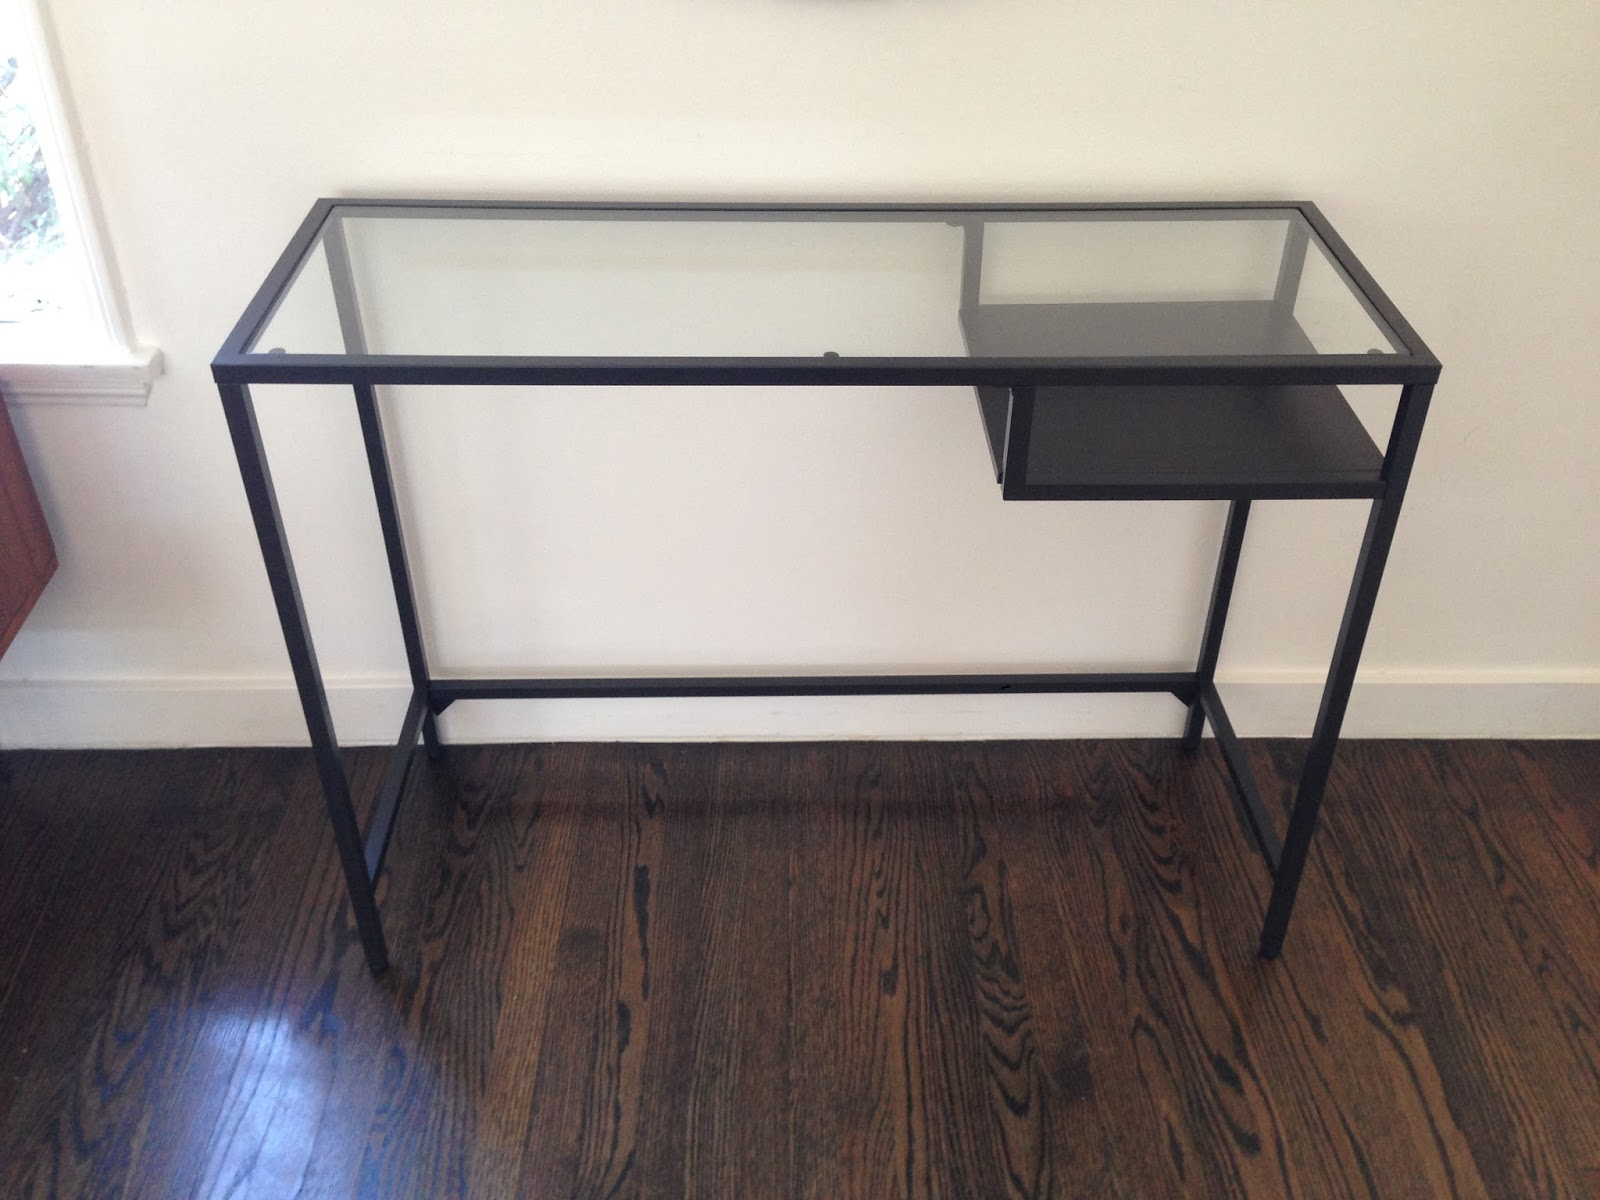 Prima e dopo una scrivania ikea diventa uno splendido tavolo consolle home staging italia - Ikea tavolo consolle ...